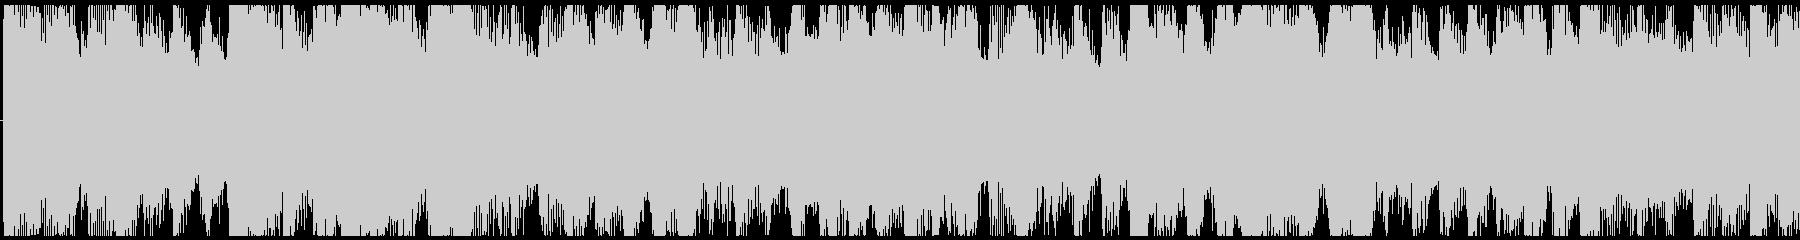 気分が上がるクリスマスBGM-ループ3の未再生の波形